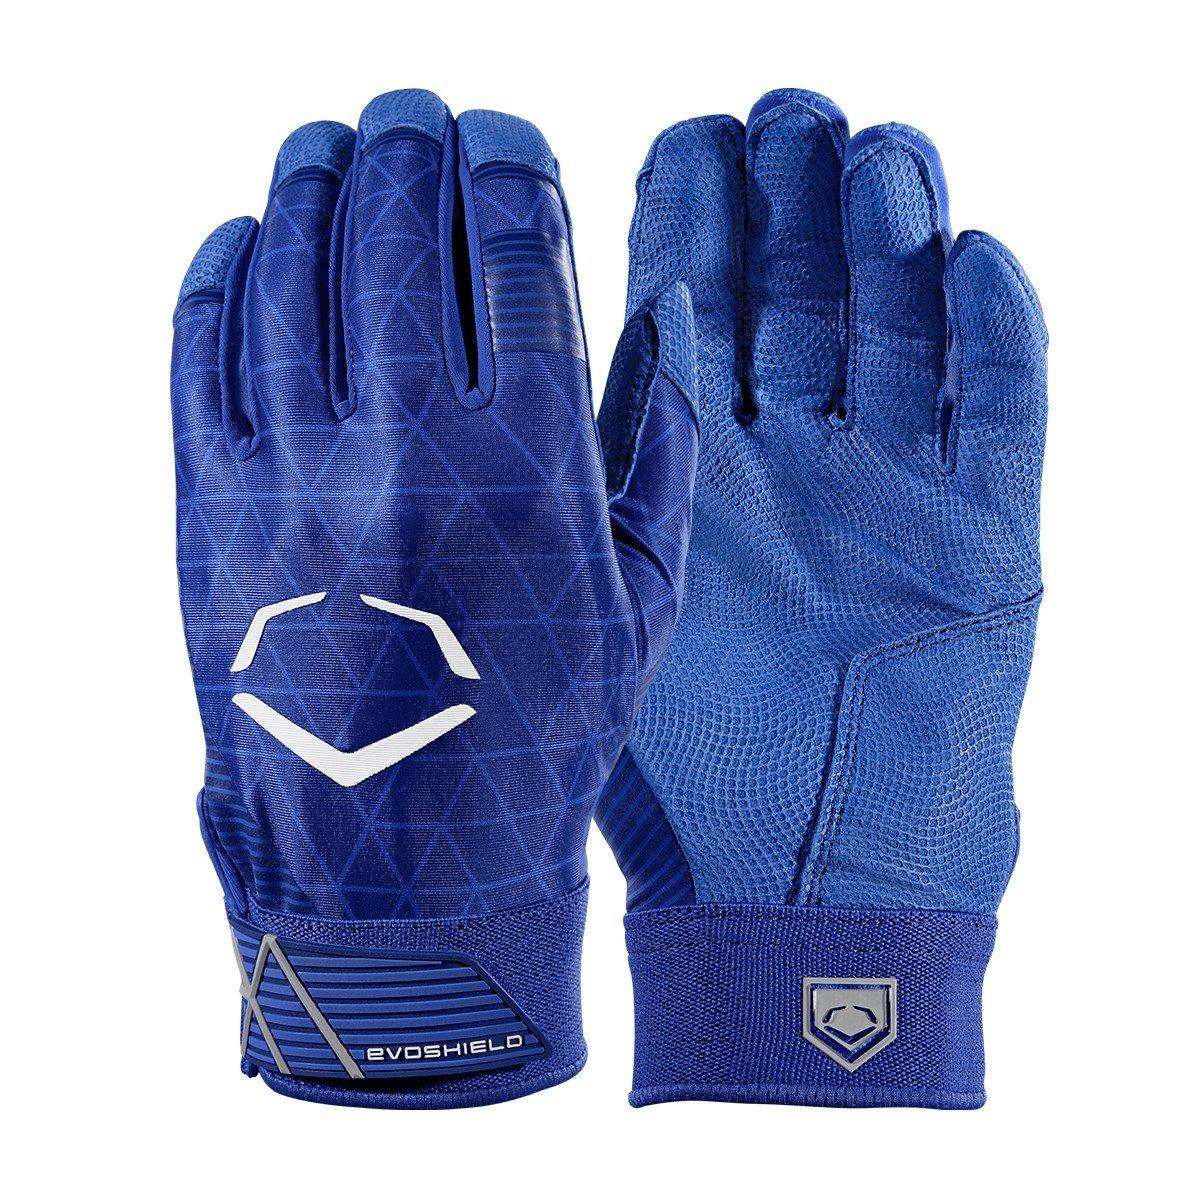 Evoshield evocharge保護用バッティング手袋 B0741HHHFD XX-Large|ロイヤル|アダルト ロイヤル XX-Large